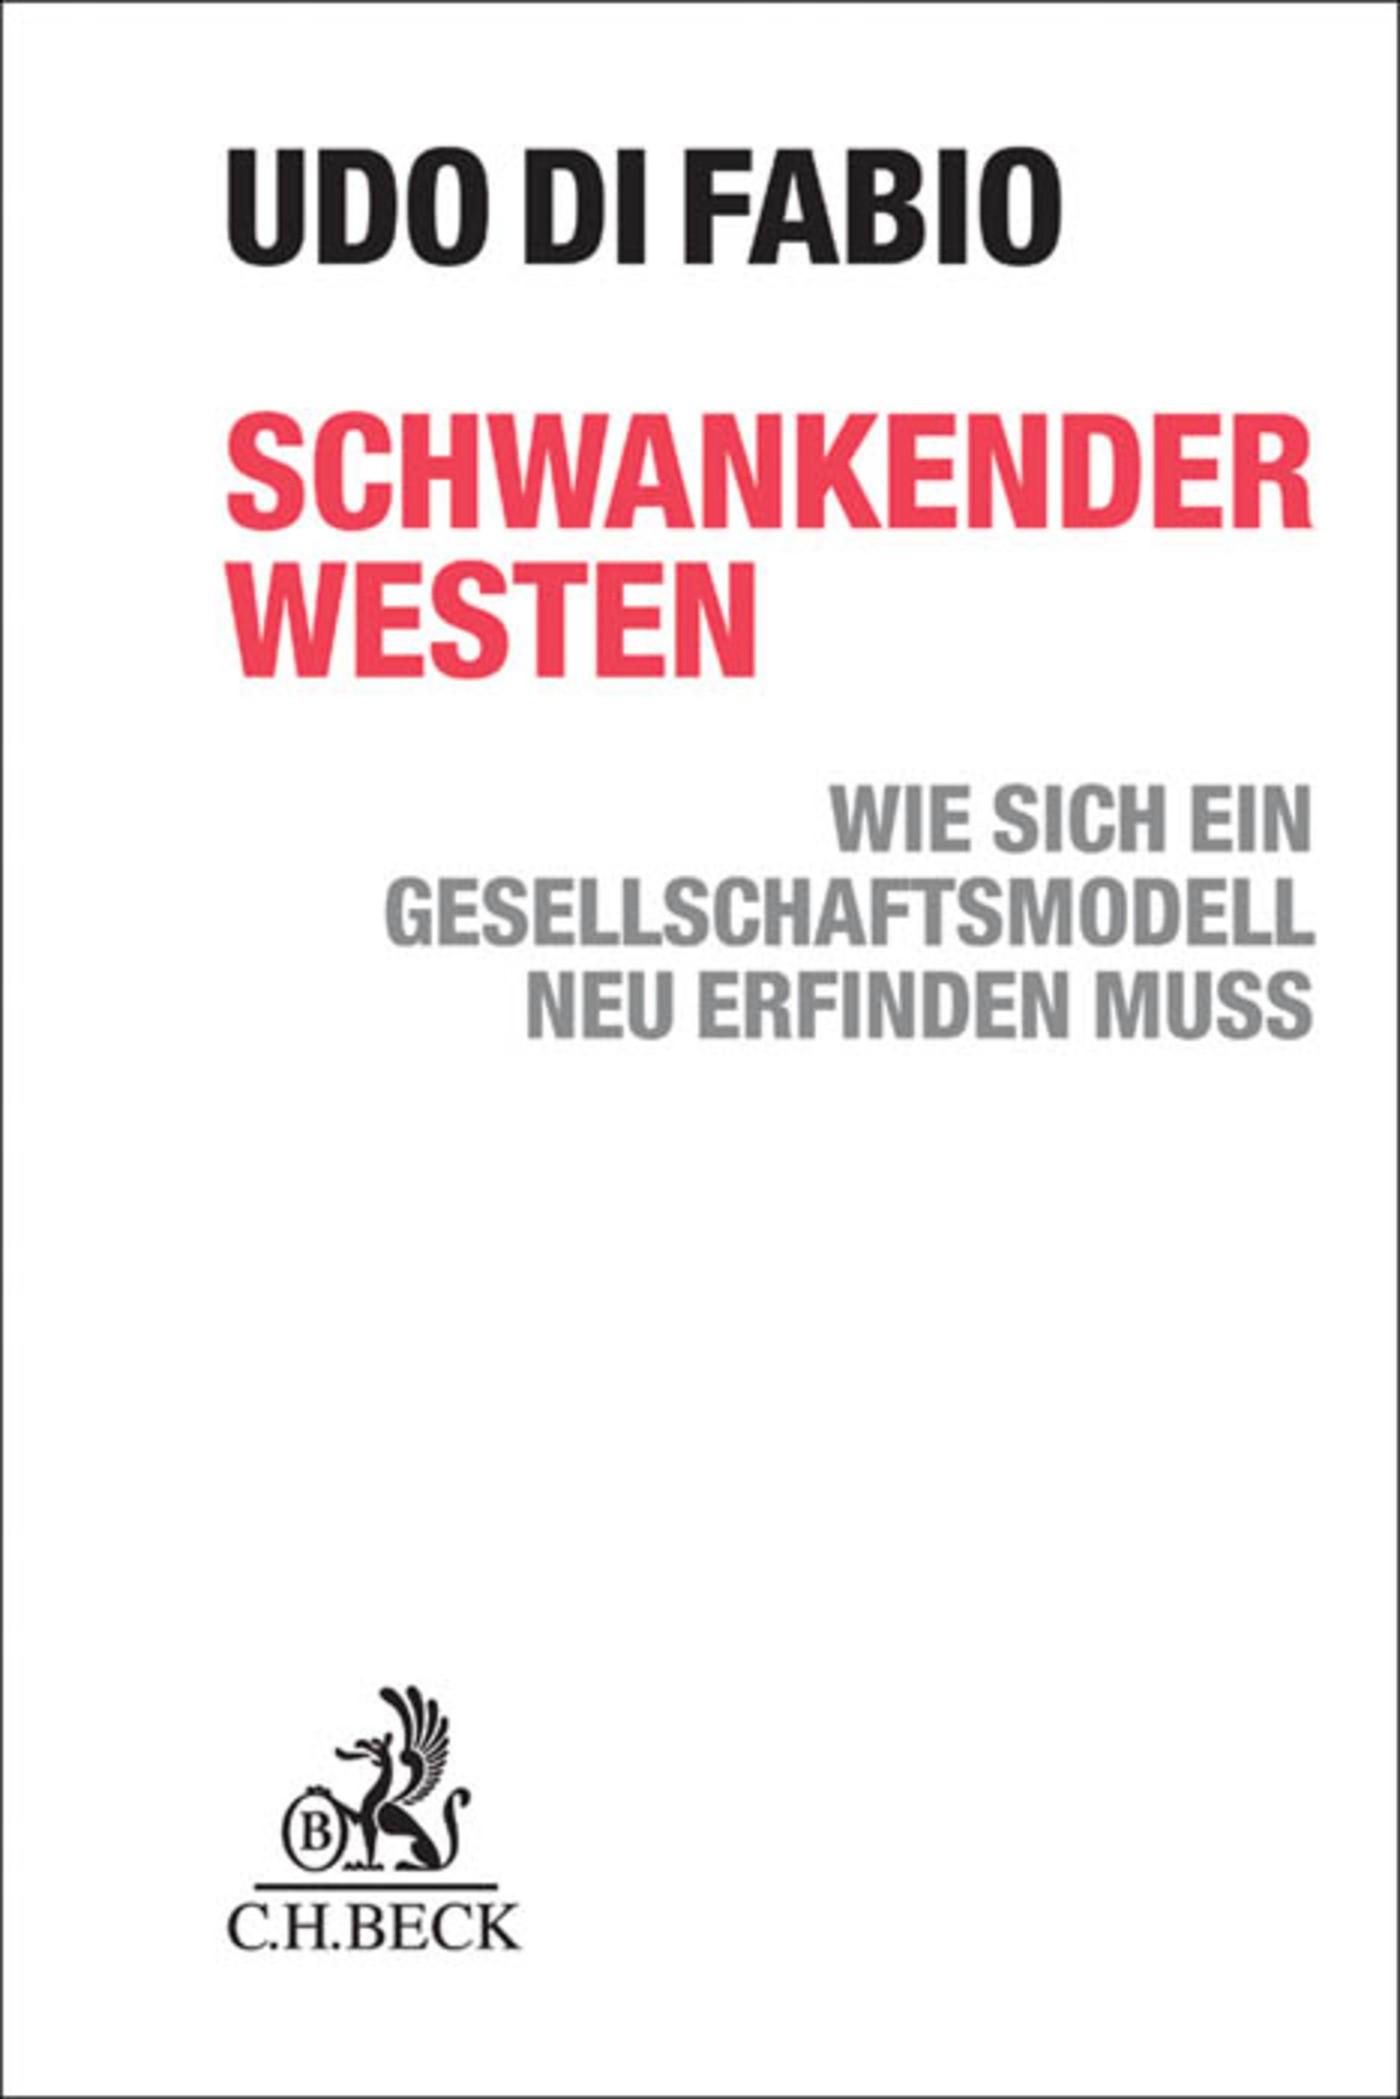 Schwankender Westen | Fabio, 2015 | eBook (Cover)